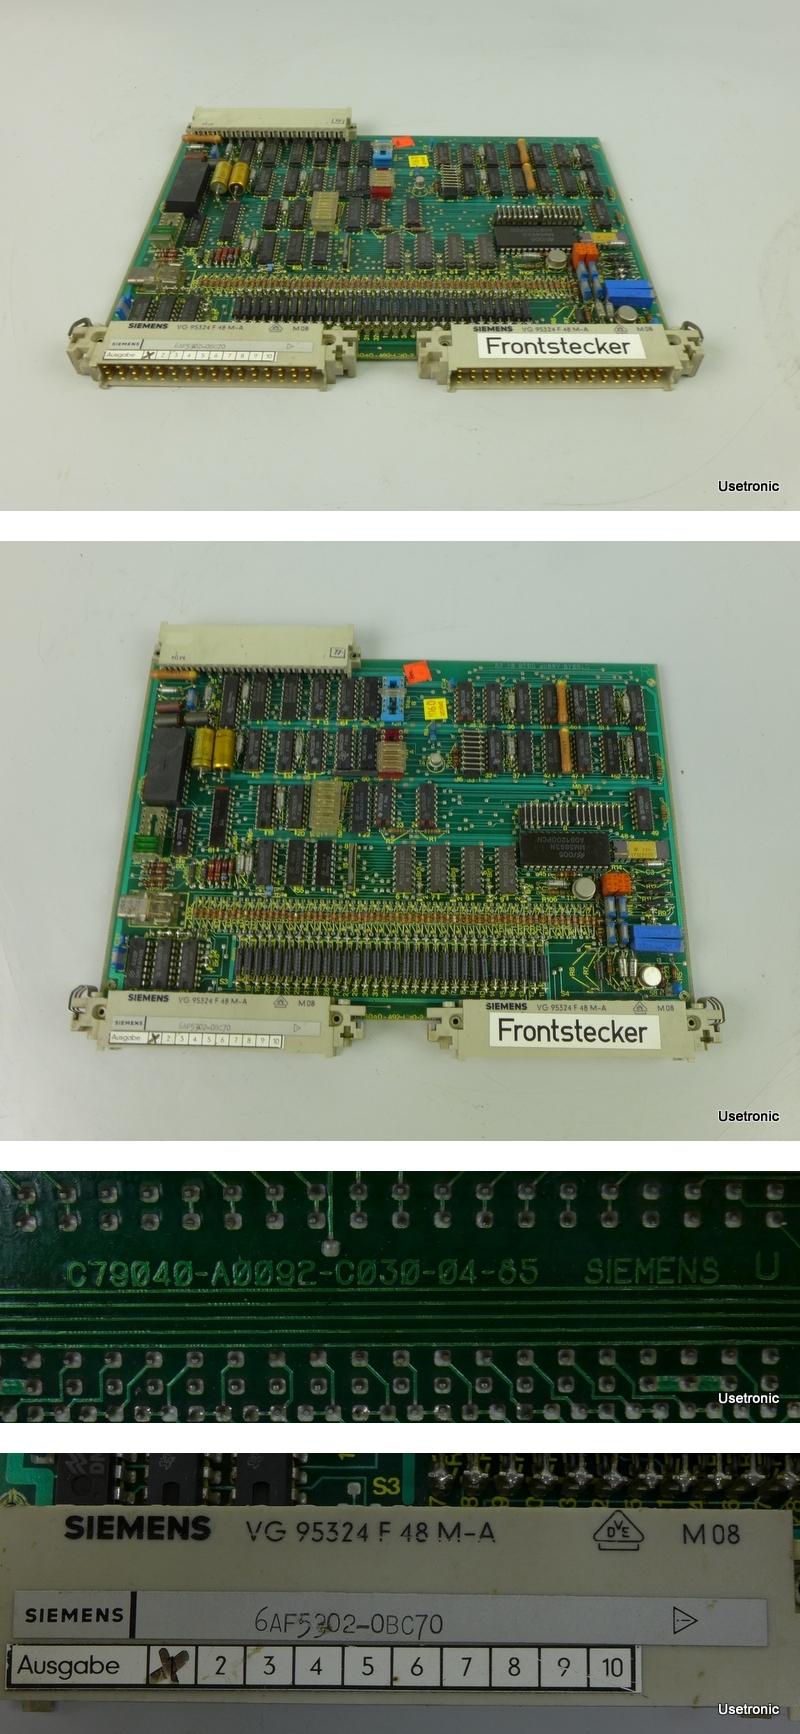 6AF5302-0BC70